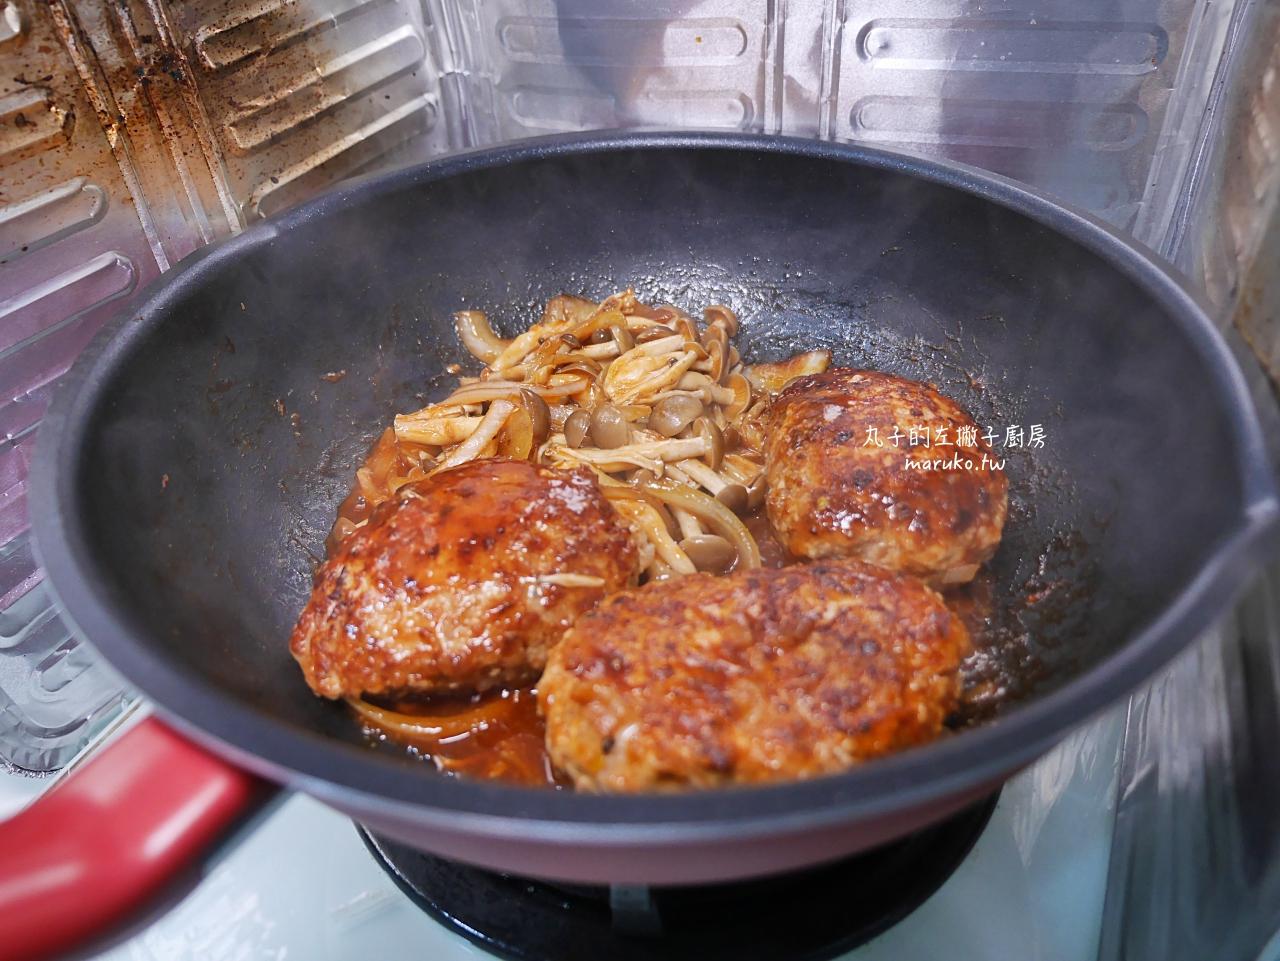 【食譜】日式漢堡排|三個步驟讓漢堡排更美味的祕訣 @Maruko與美食有個約會